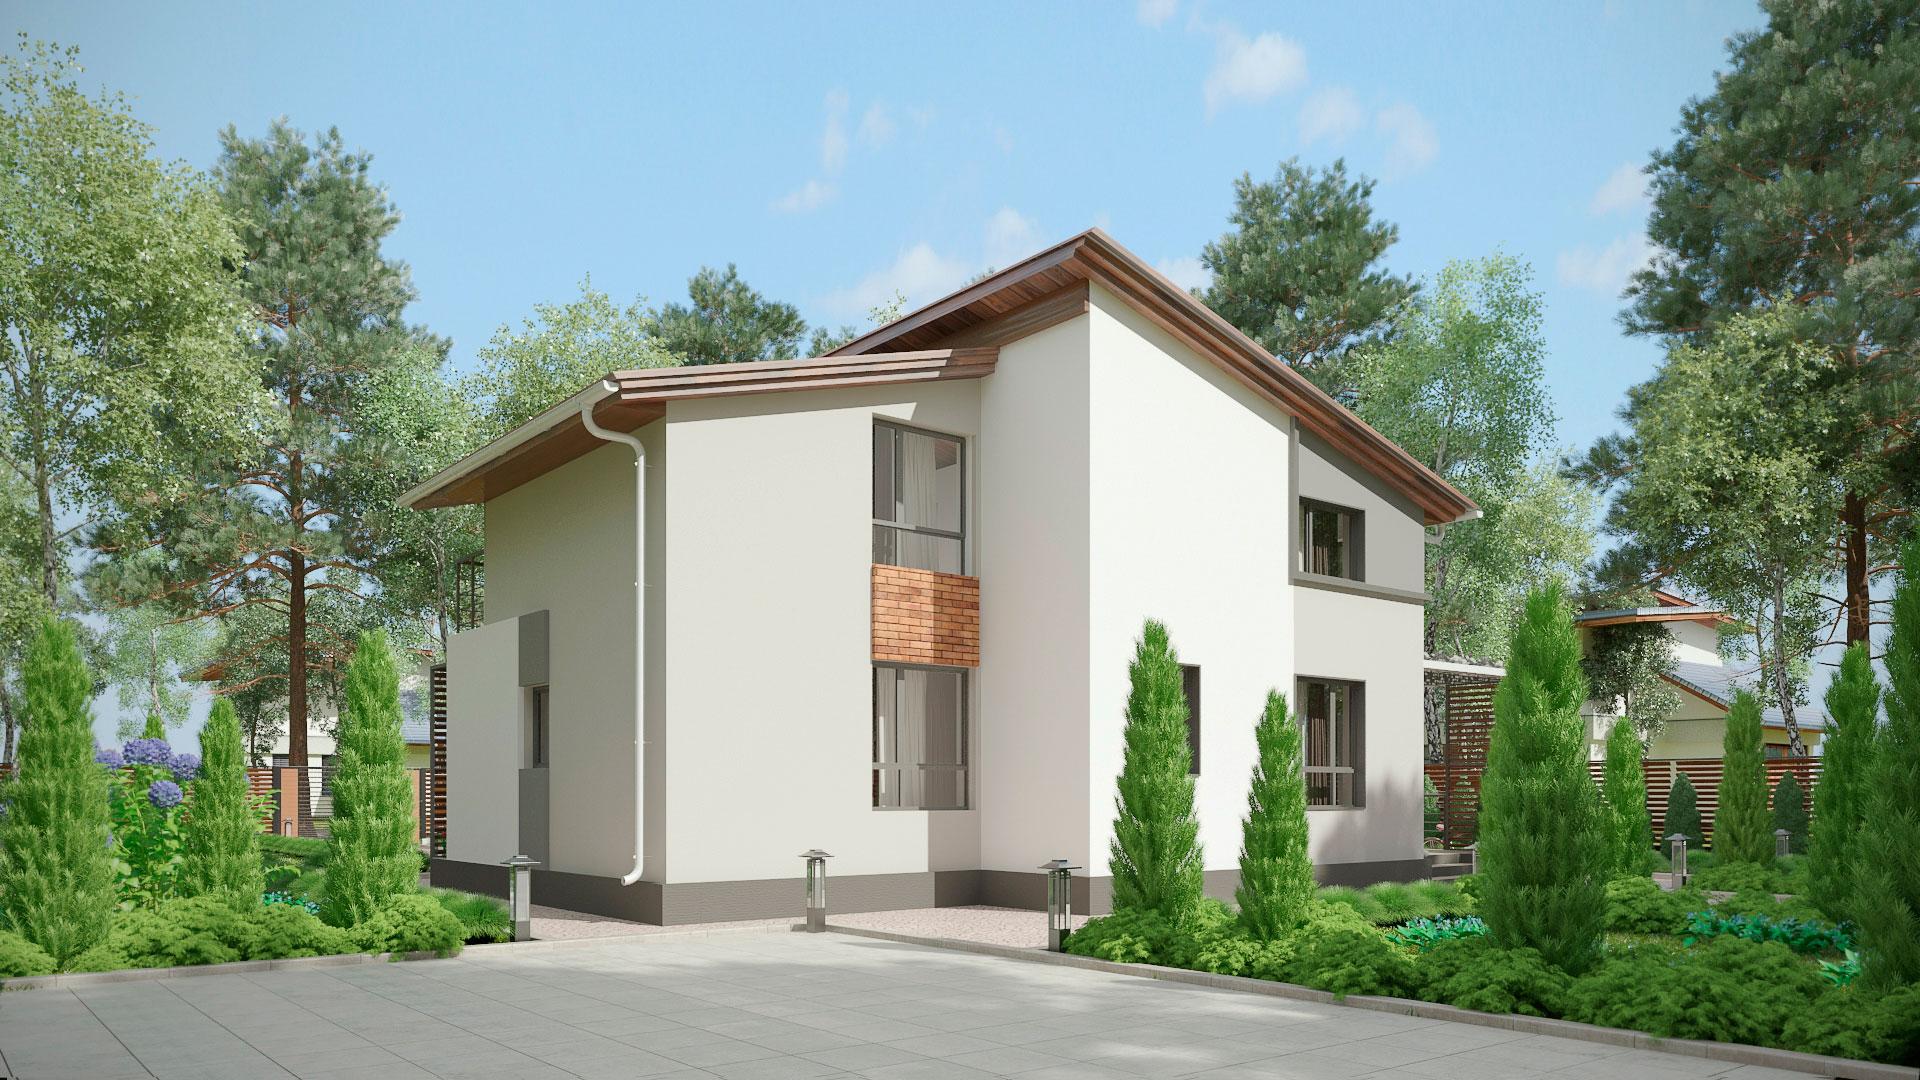 Задний фасад двухэтажного дома с террасой и балконом, проект БЭНПАН МС-238.